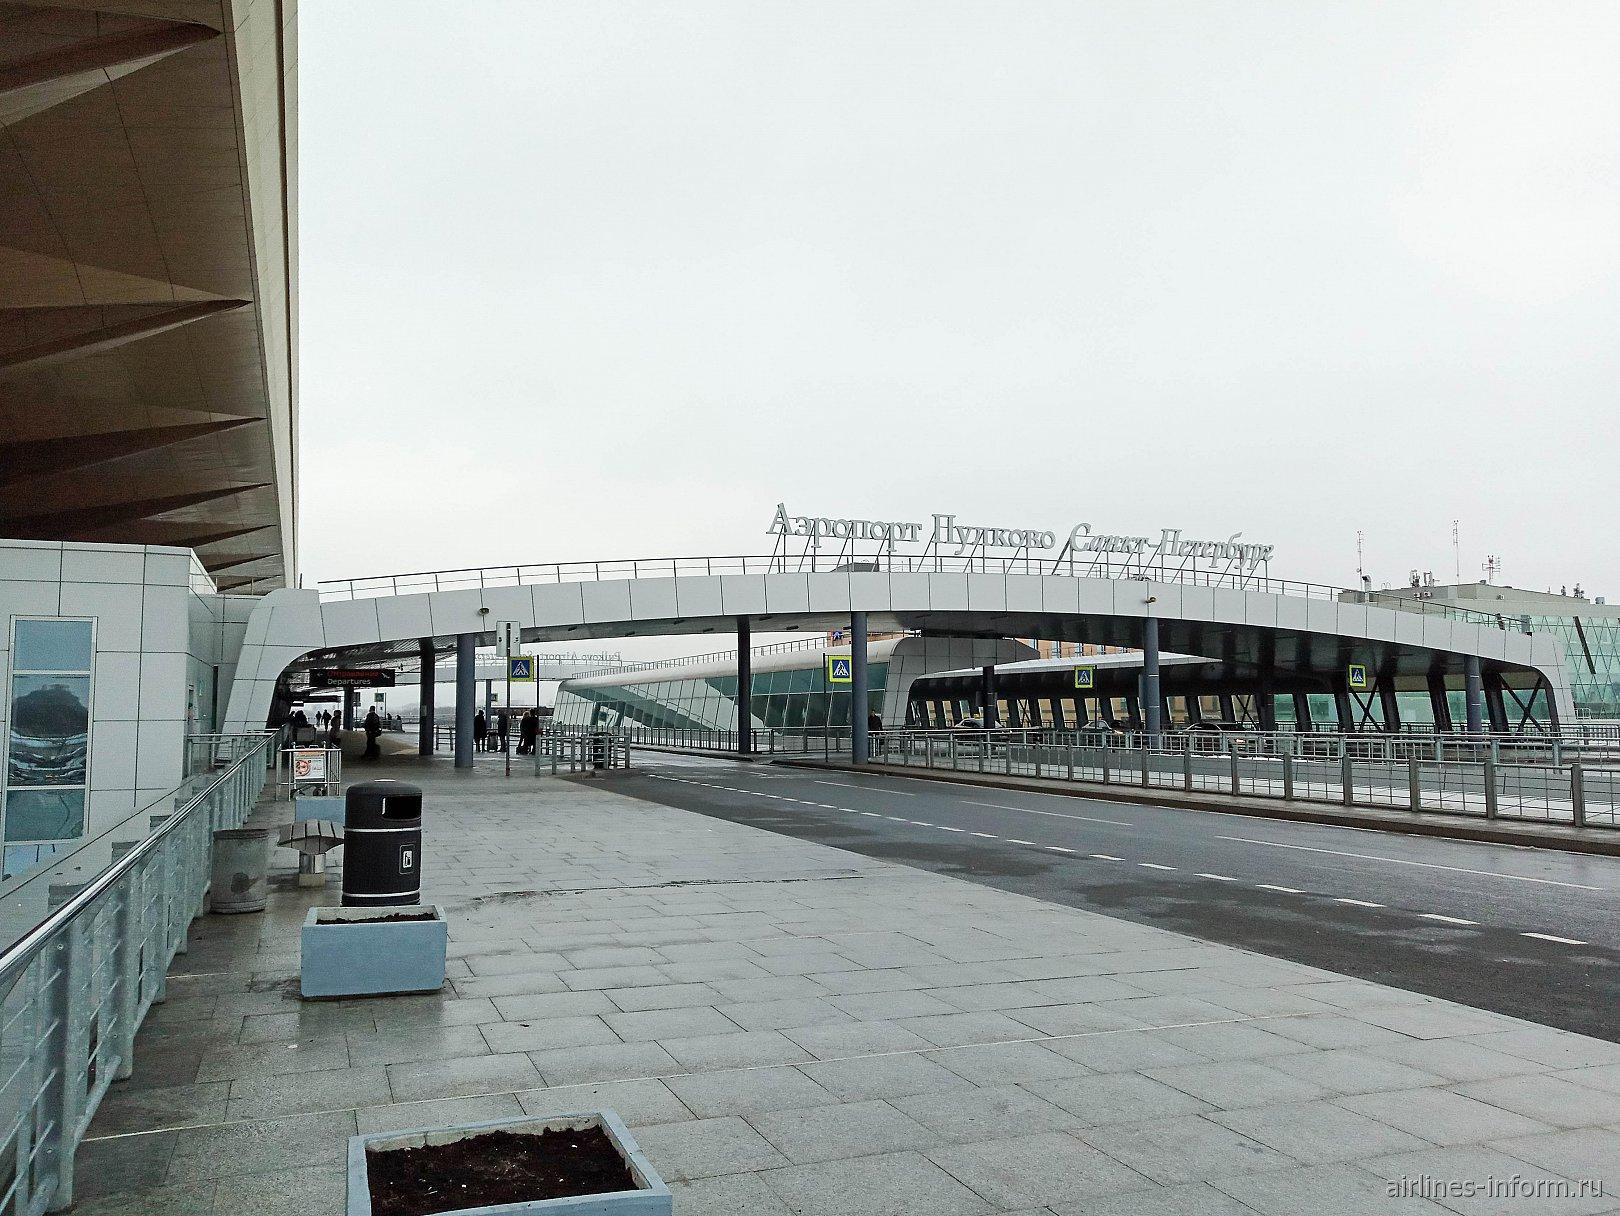 У входа в пассажирский терминал аэропорта Пулково